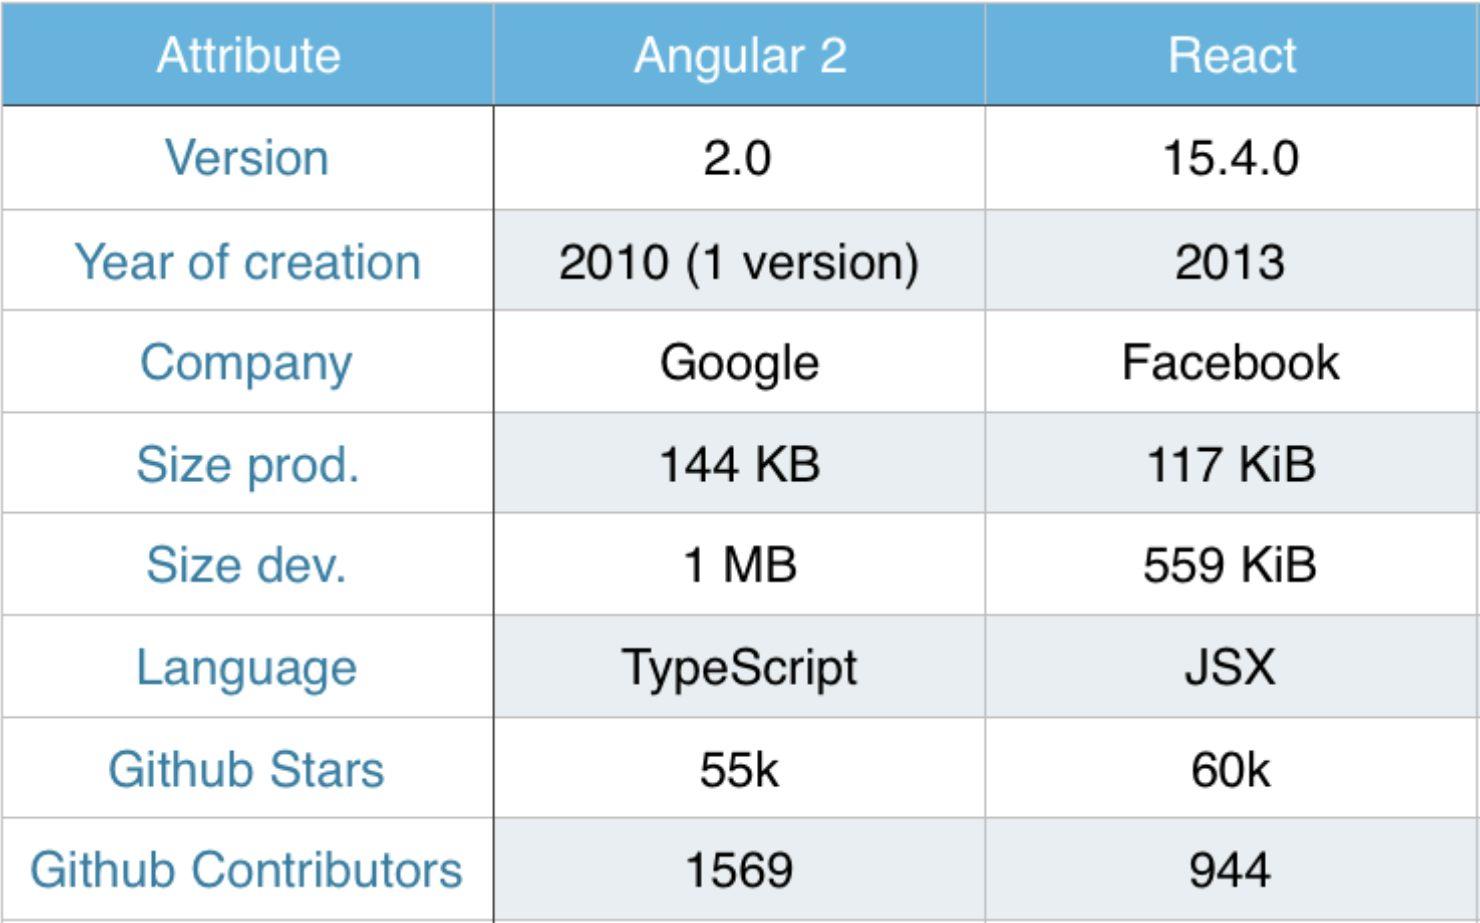 Статьи: Битва титанов: Angular 2 vs React. Что выбирают в 2017 году?. Общие сведения о Angular 2 и React